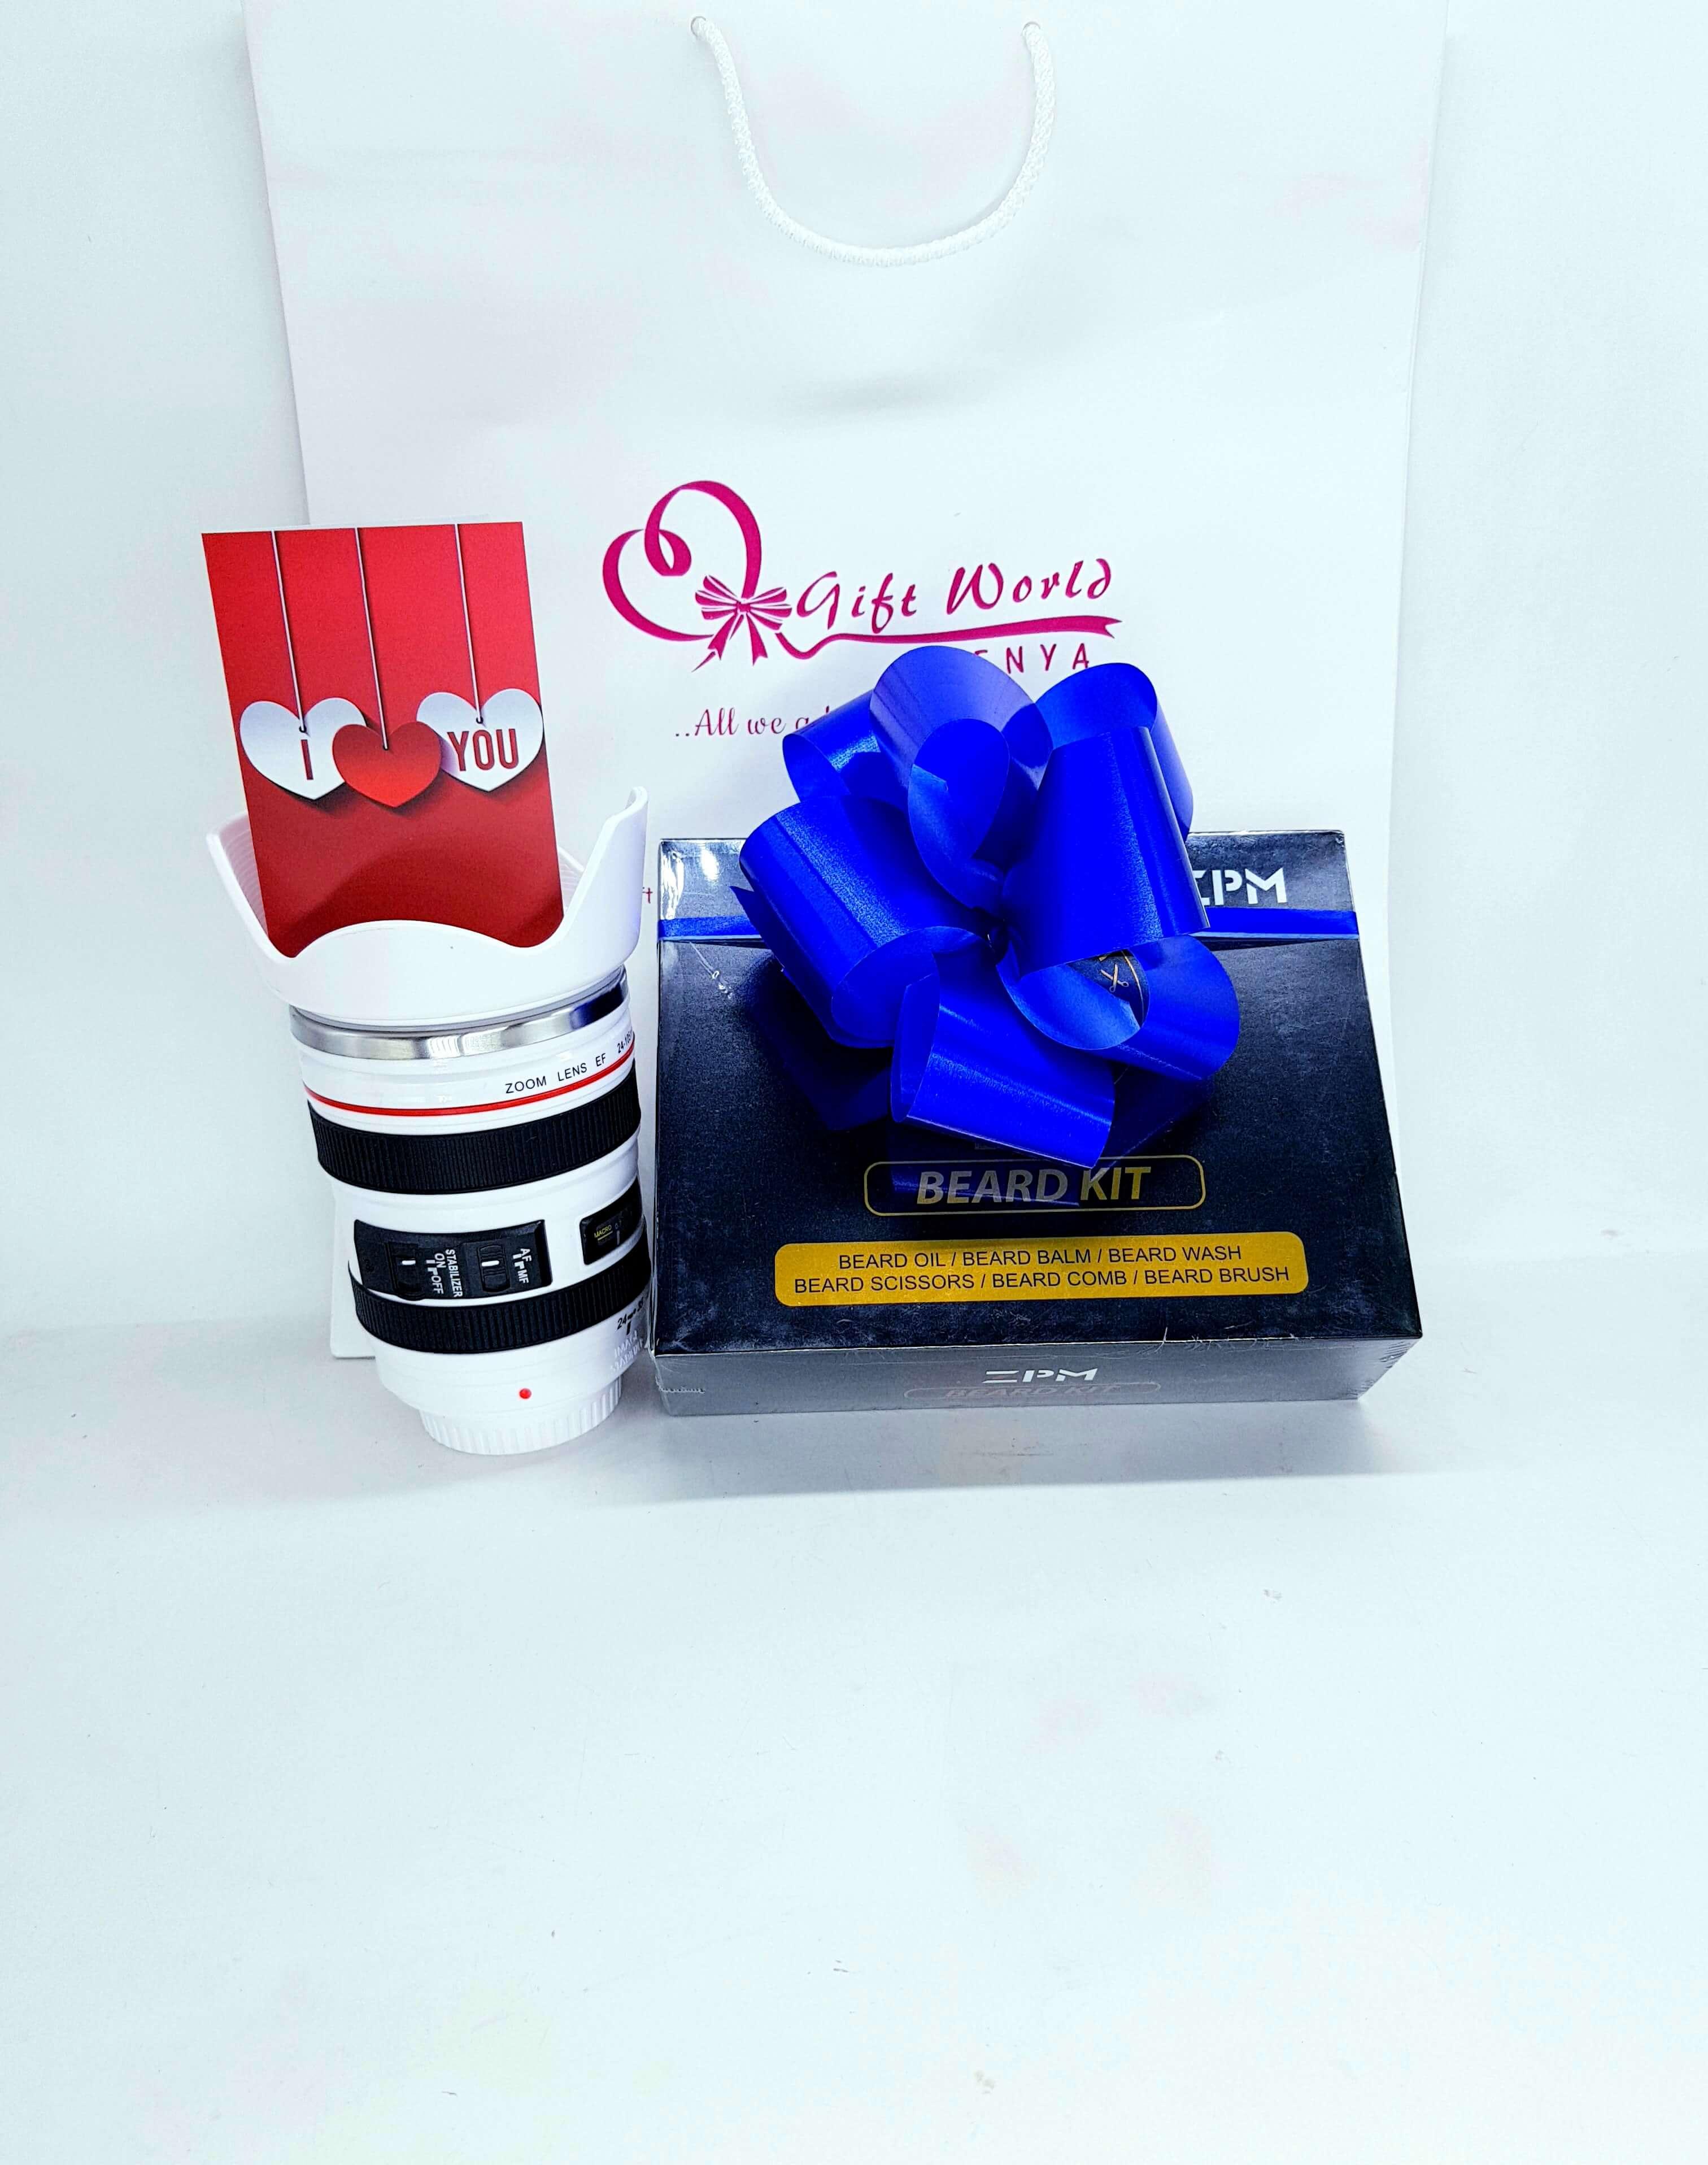 Camera Mug & Beard Kit Combo